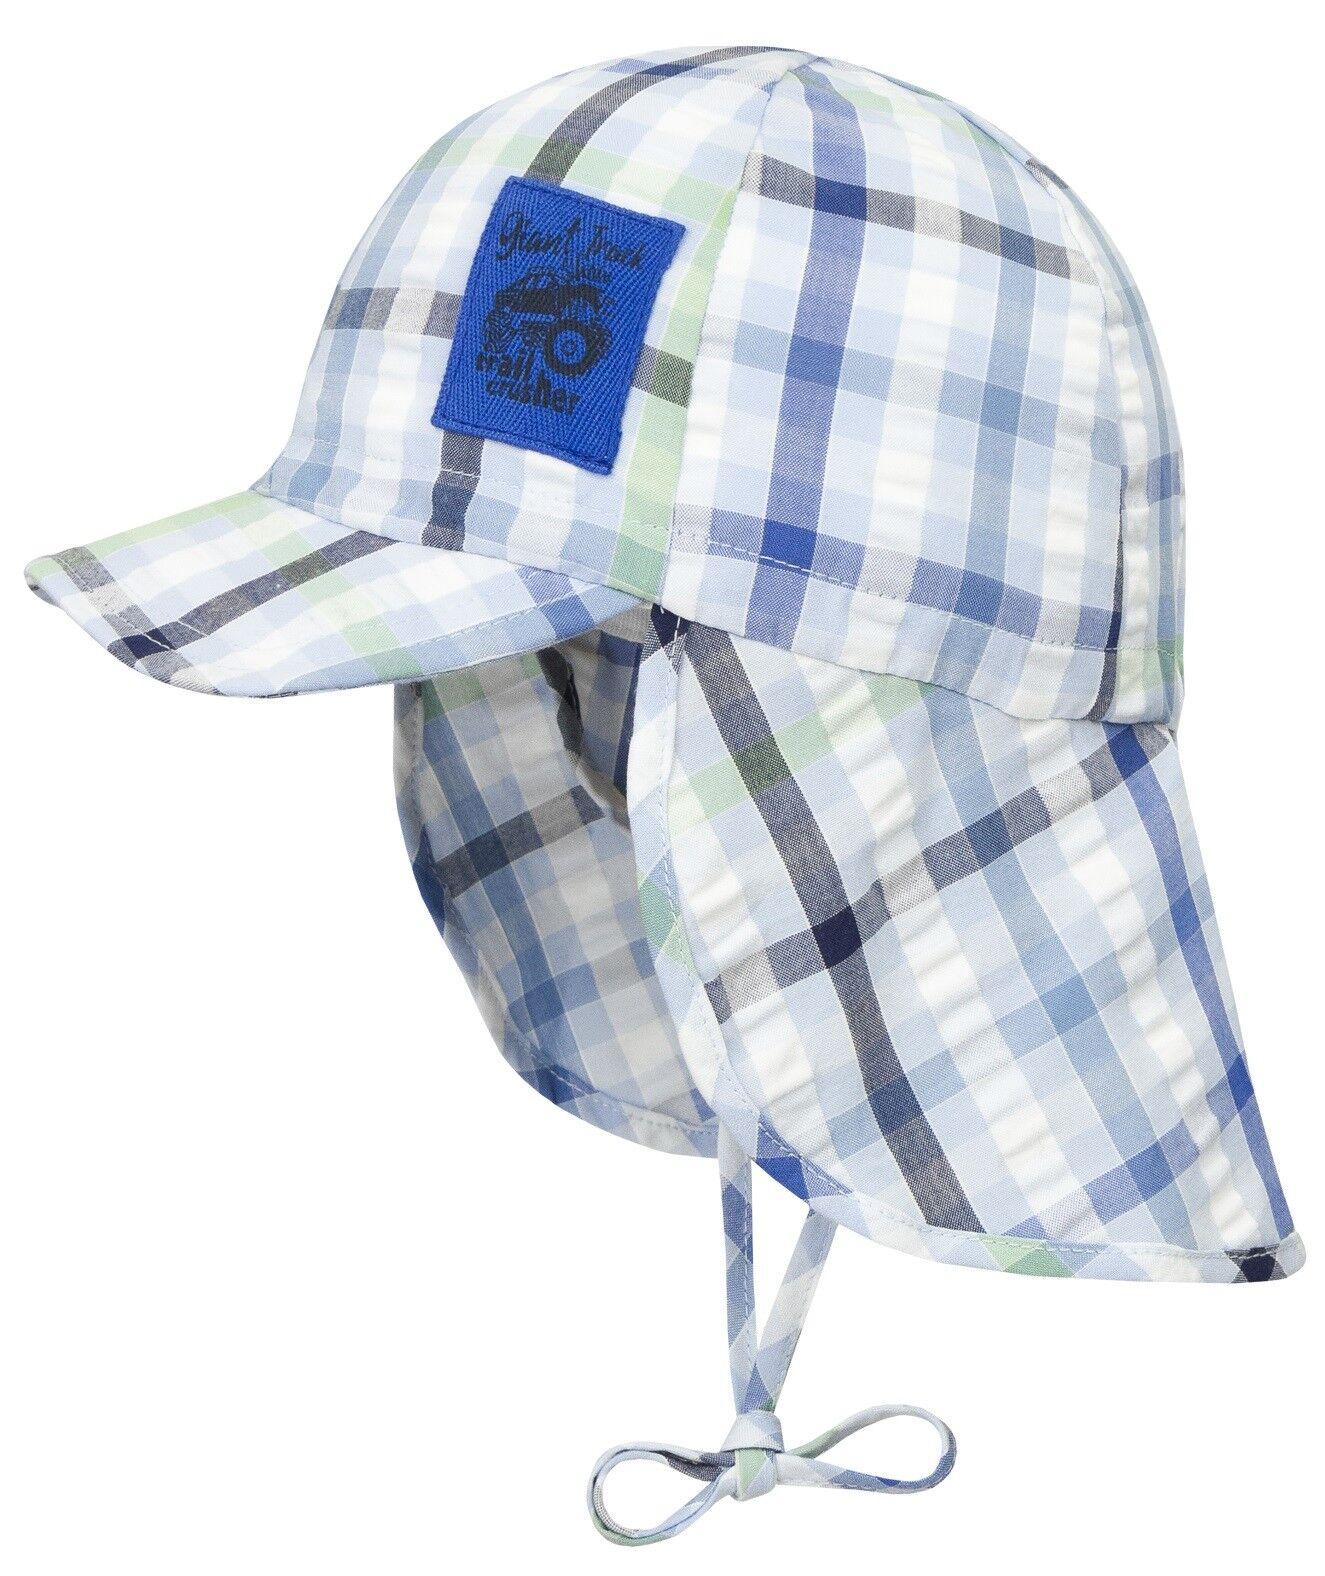 DÖLL® Jungen Sonnenhut Hut Schirm Nackenschutz Mütze Karo 47-55 Sommer 2018 NEU